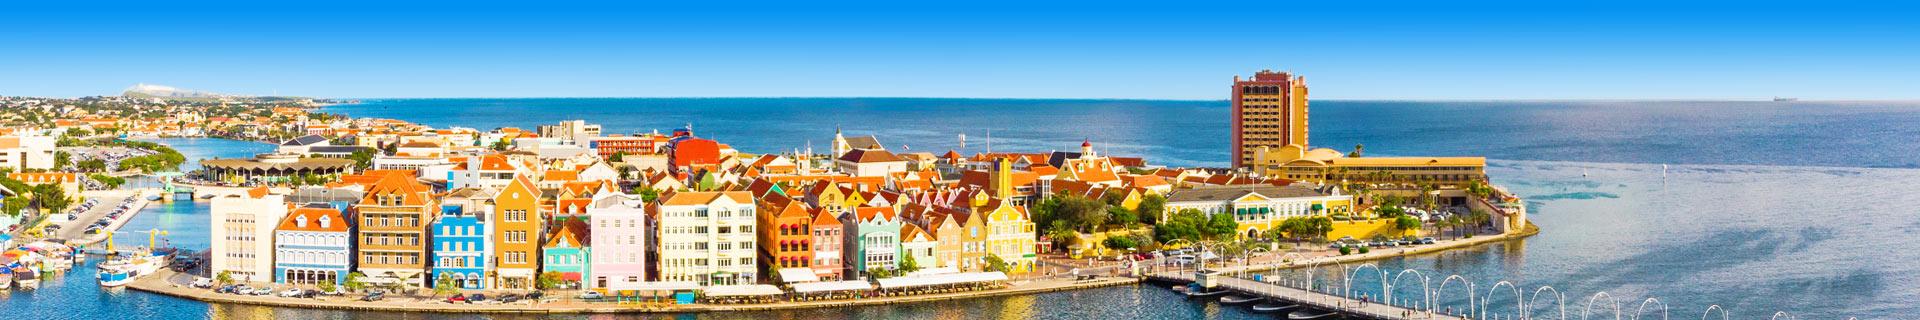 Kan ik op vakantie naar Curacao / Aruba?